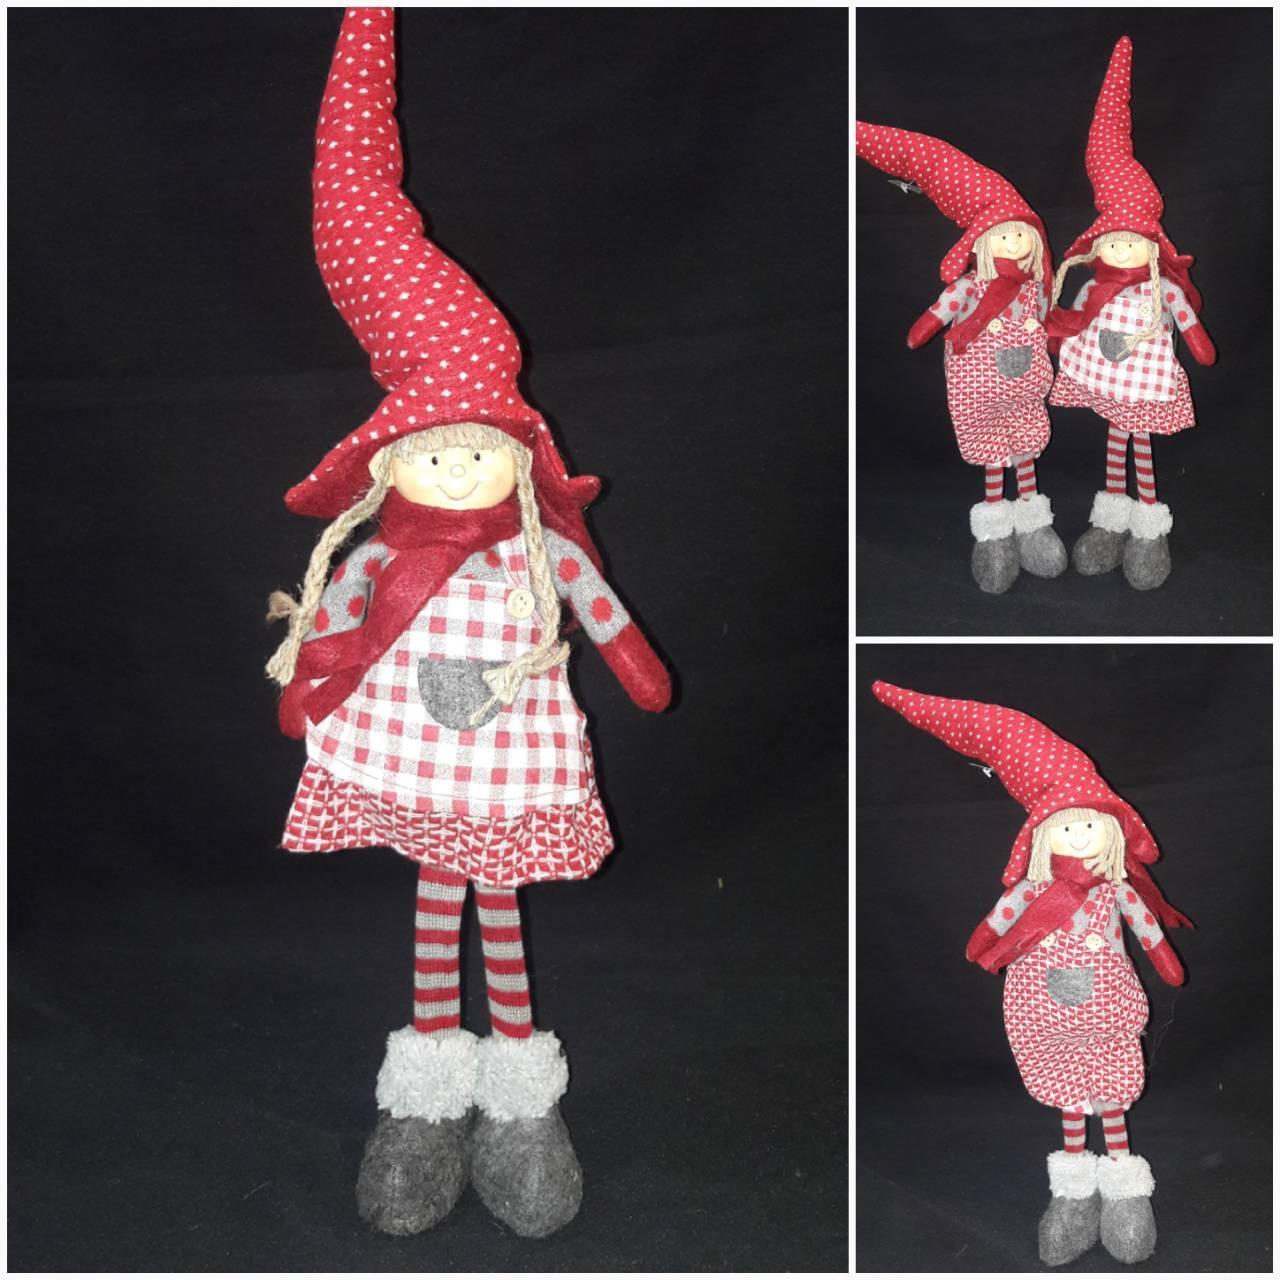 Авторская шитая игрушка - девочка в колпаке и ботах, выс. 40 см., 320/290 (цена за 1 шт. + 30 гр.)